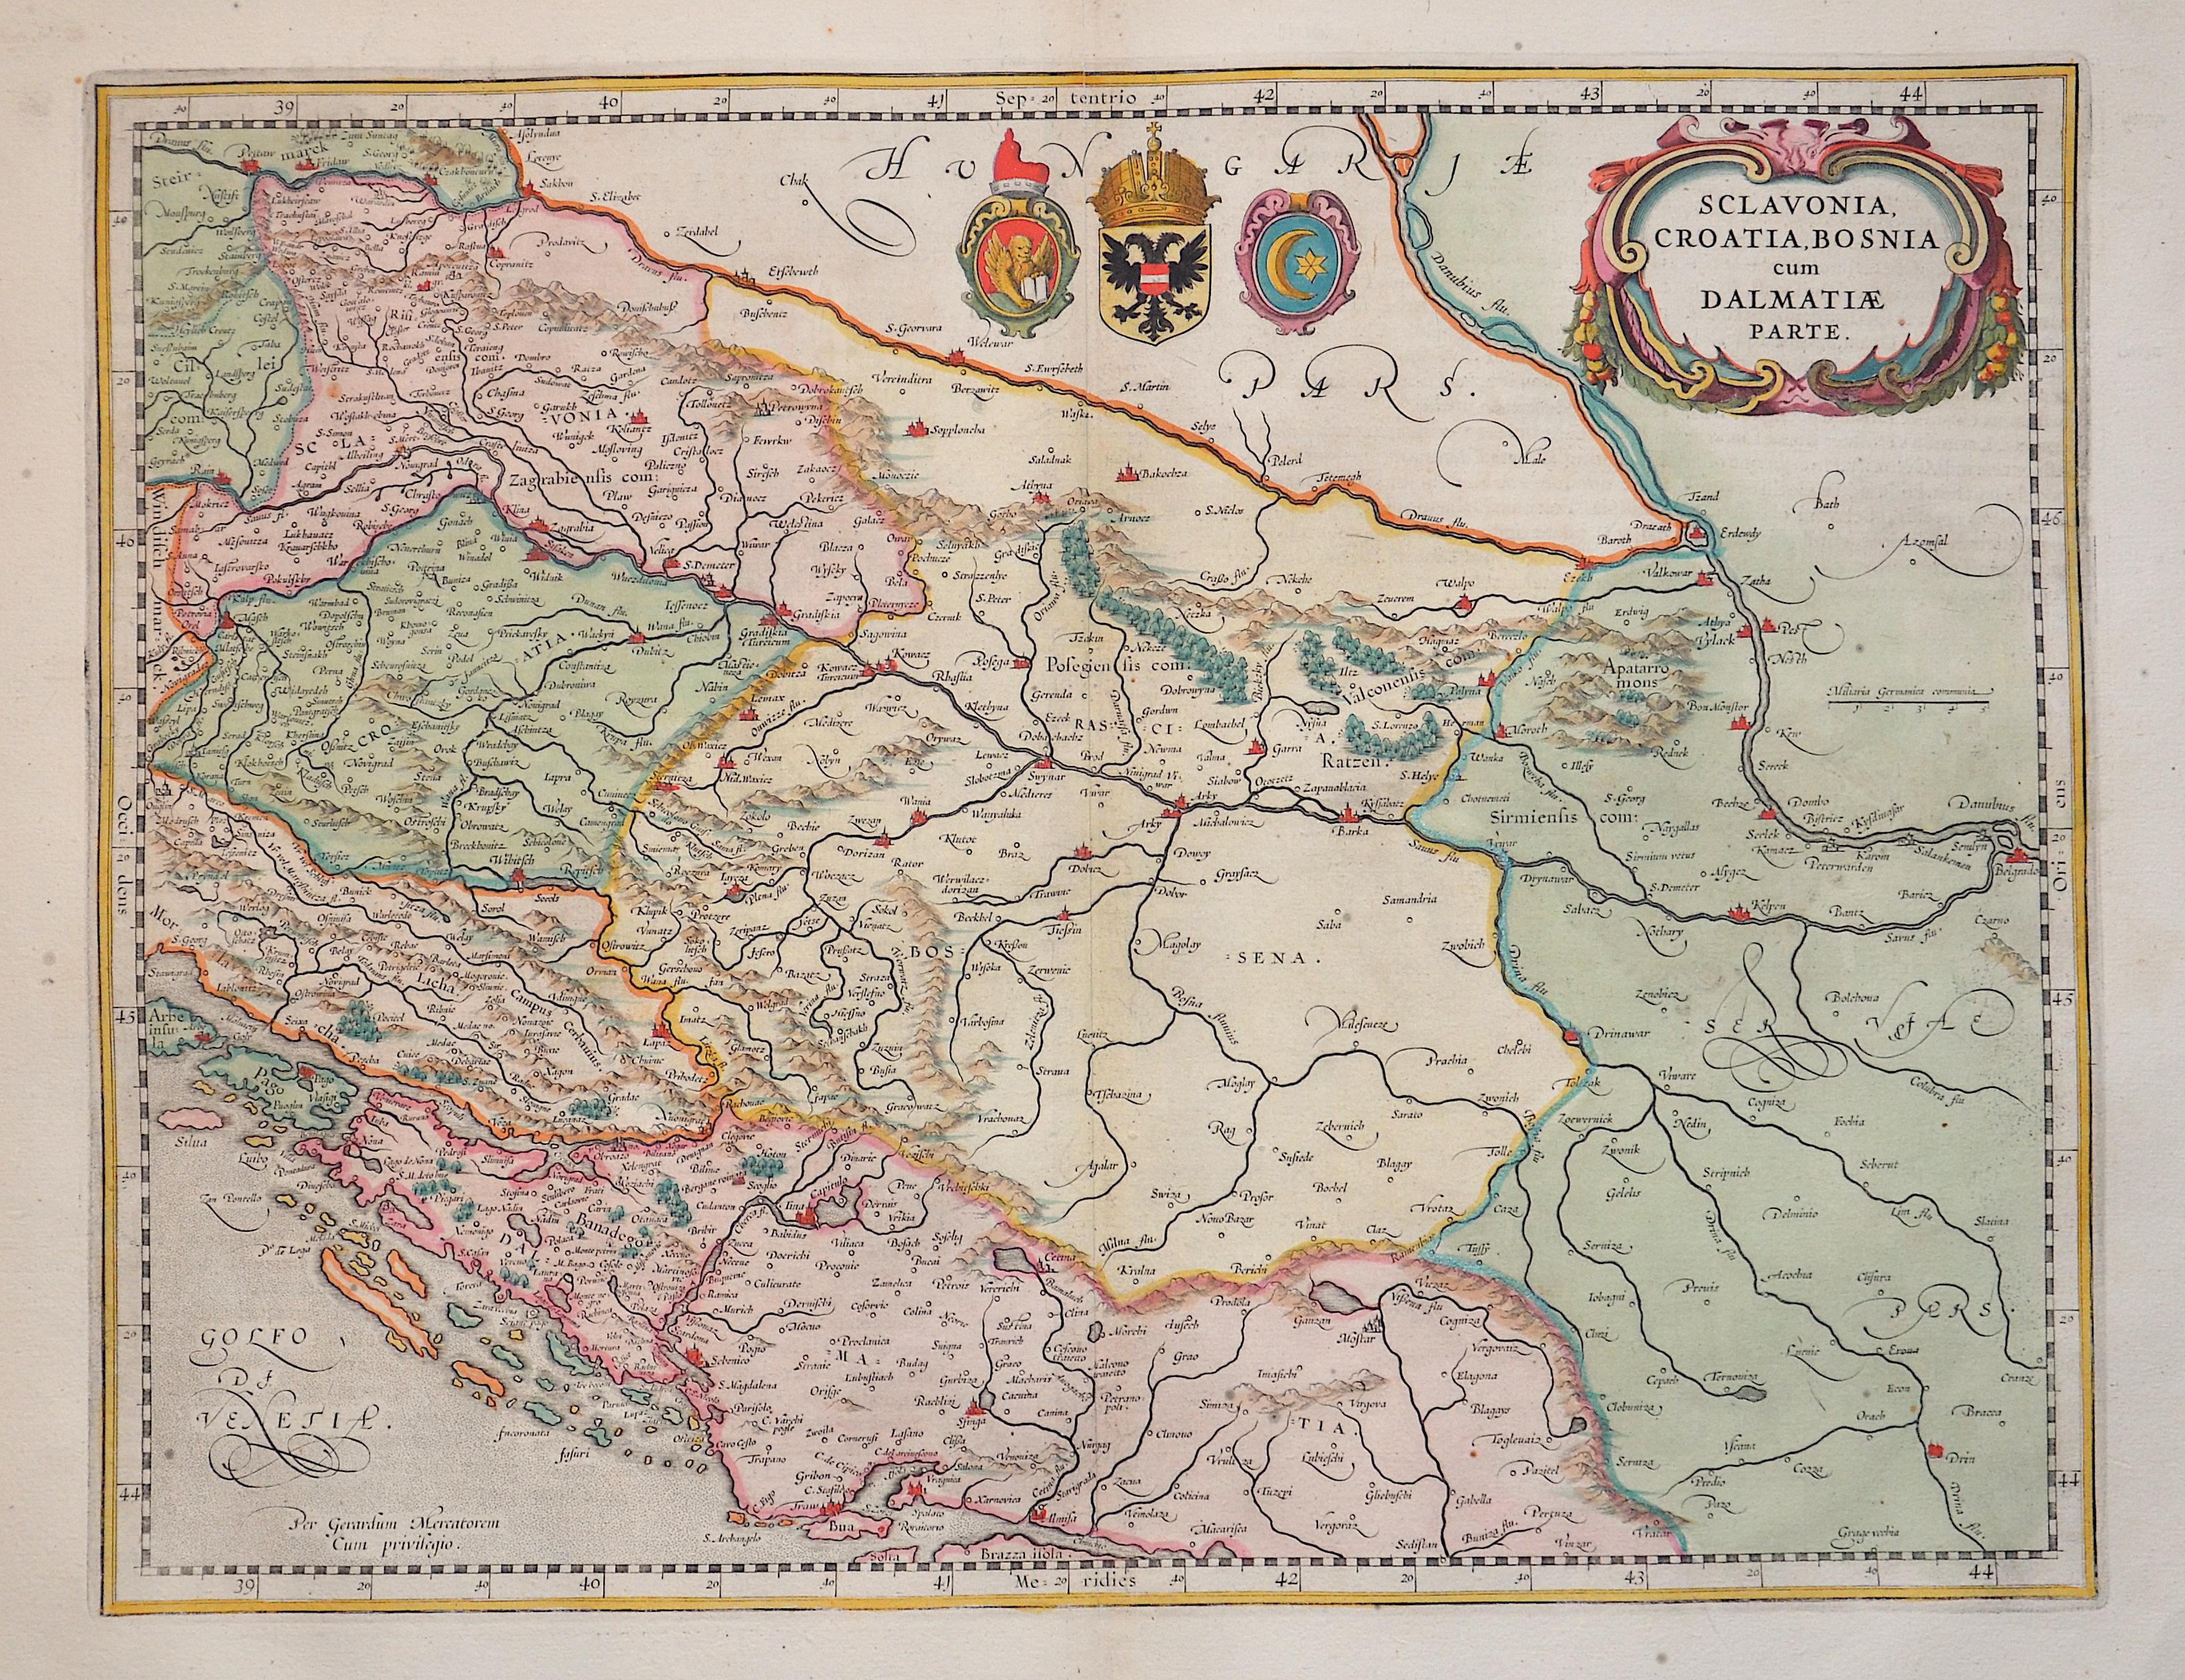 Janssonius/Mercator-Hondius, H.  Sclavonia, Croatia, Bosnia cum Dalmatiae Parte.